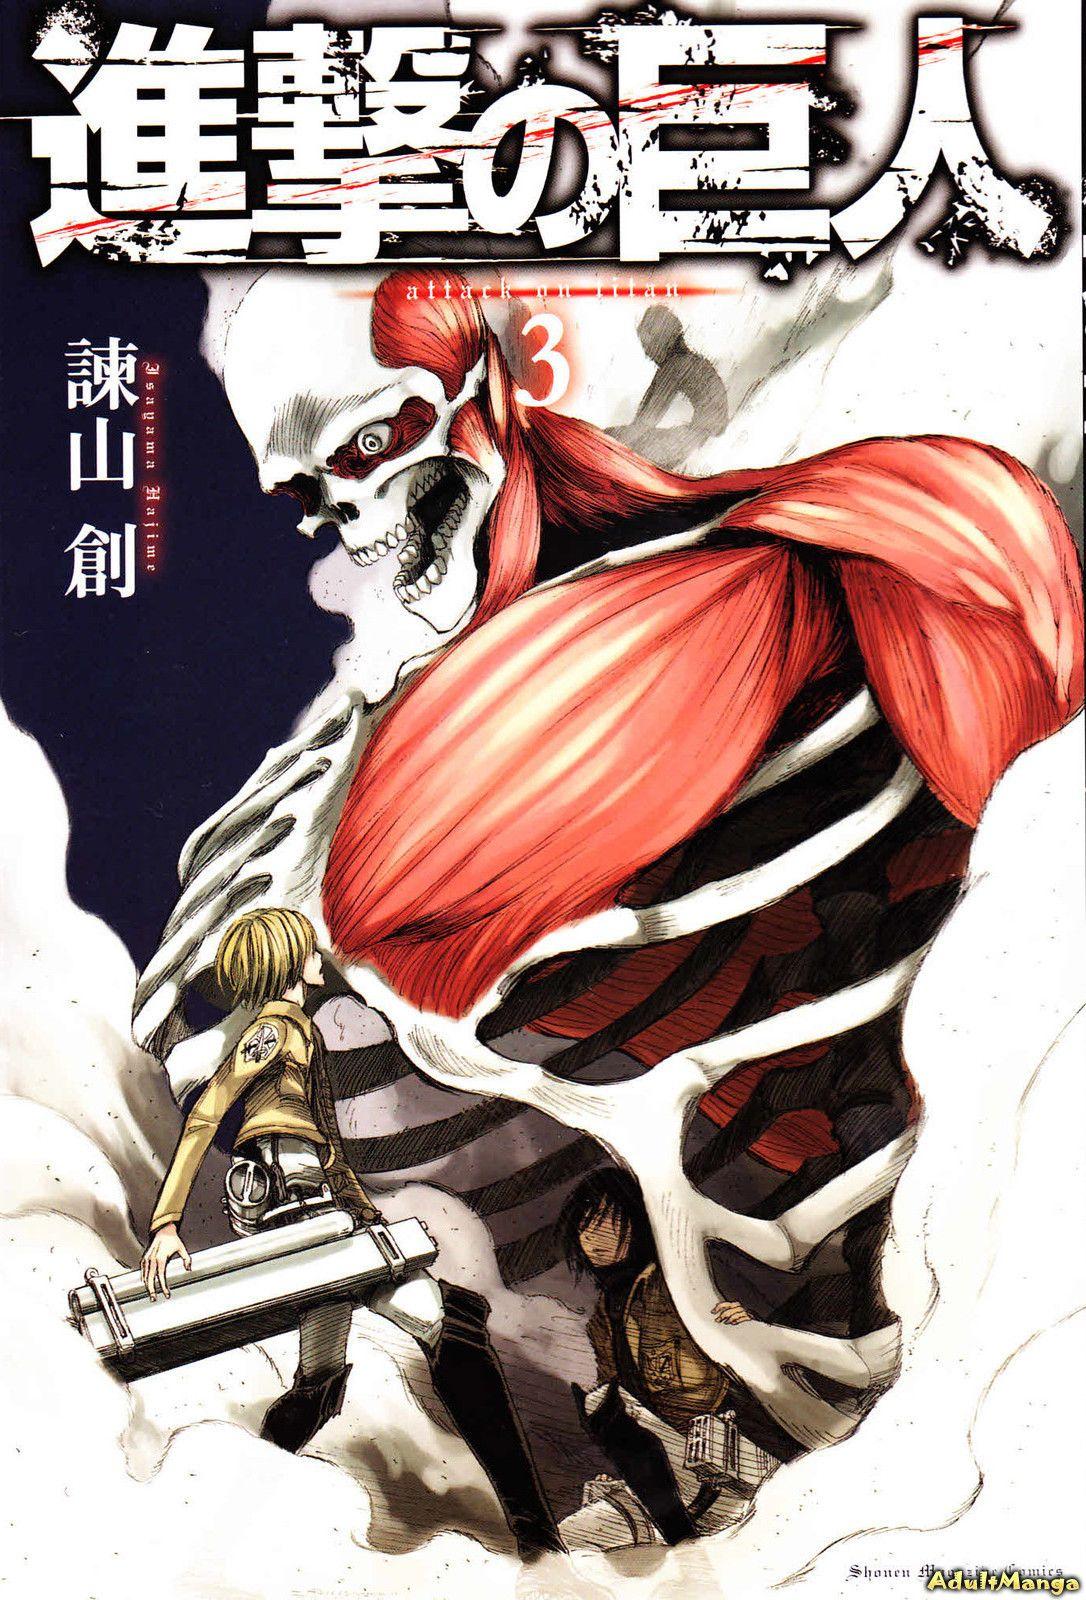 Shingeki No Kyojin Manga Cover 3 Kyojin Titan Manga Shingeki No Kyojin Manga